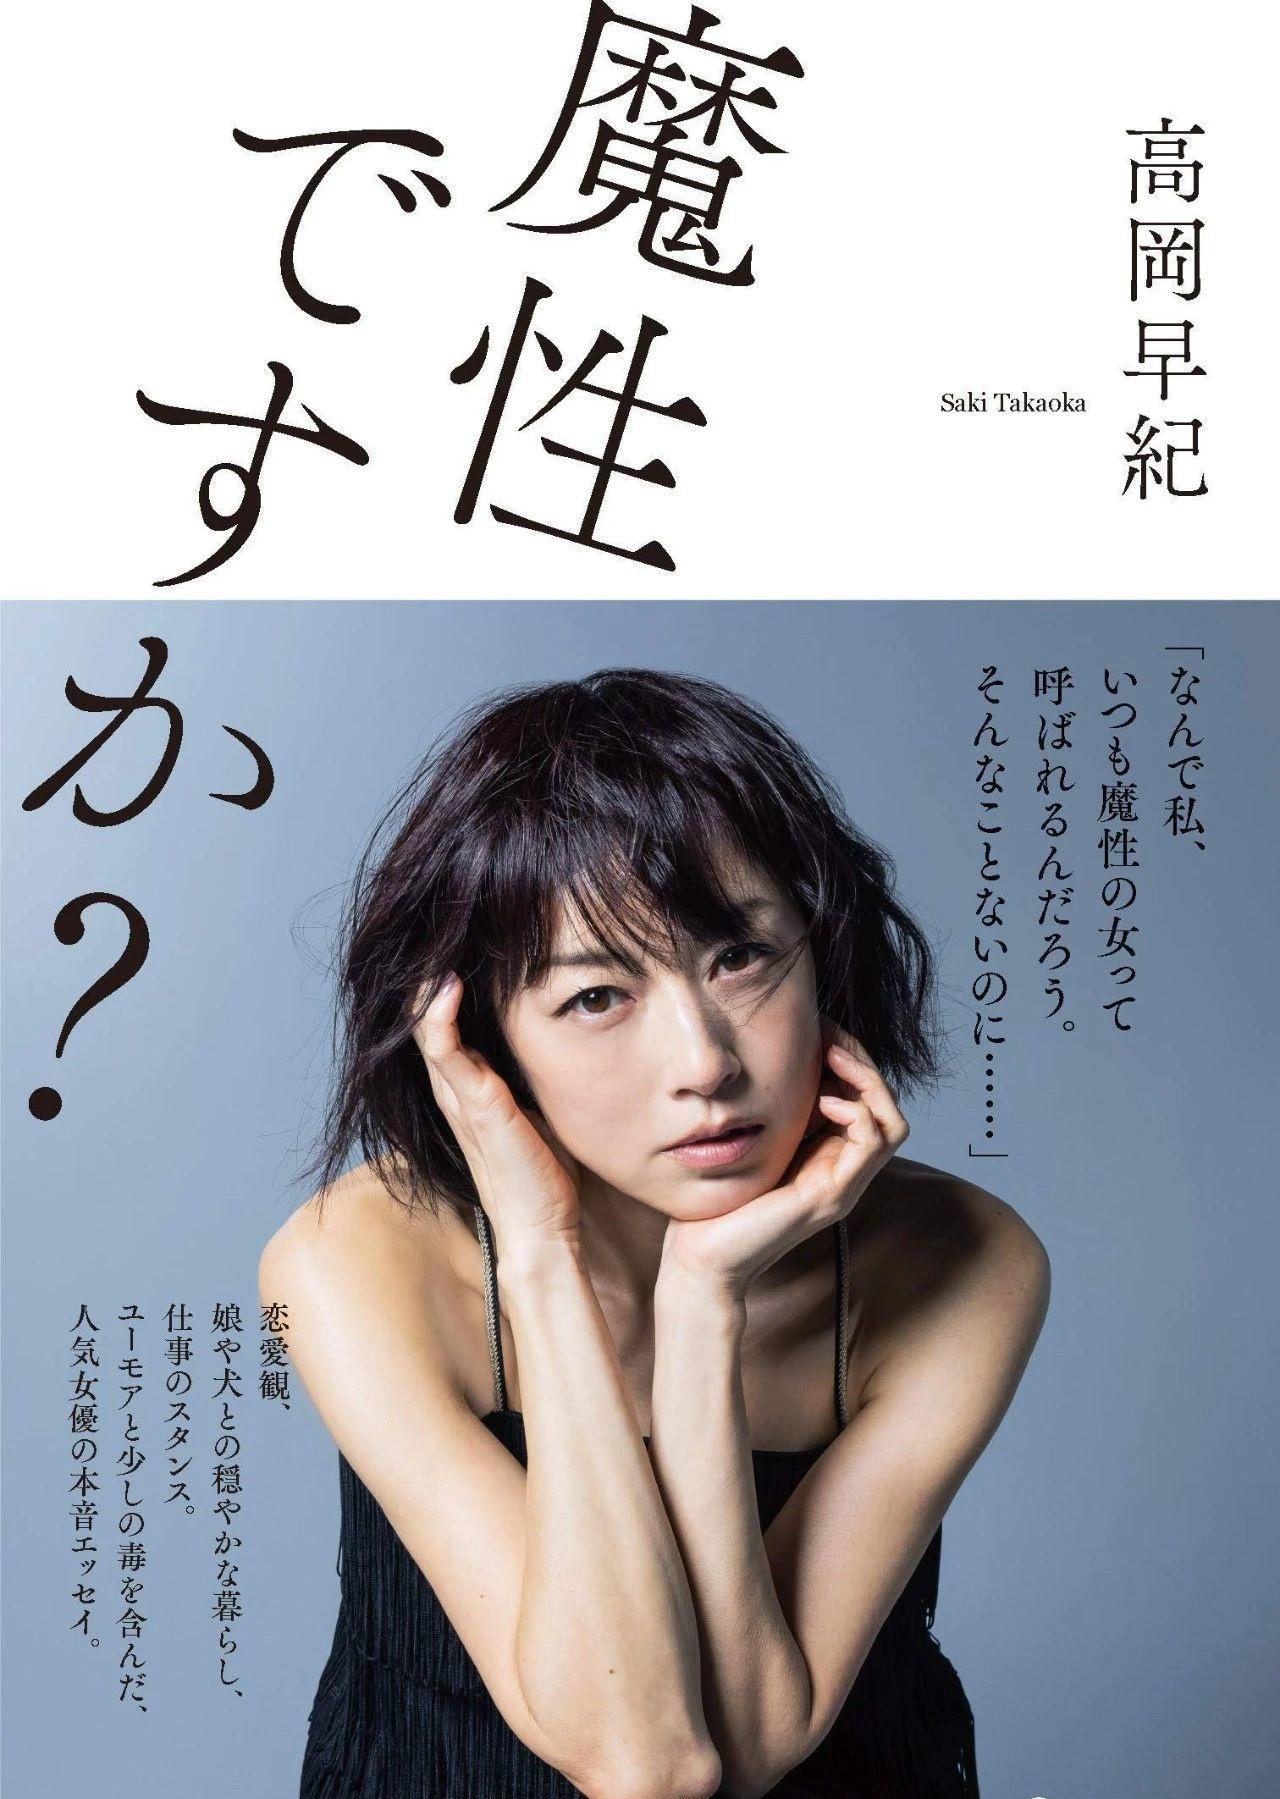 干了不少对日本网友有吐槽点事情的高冈早纪这么多年却没有翻过车 (15)